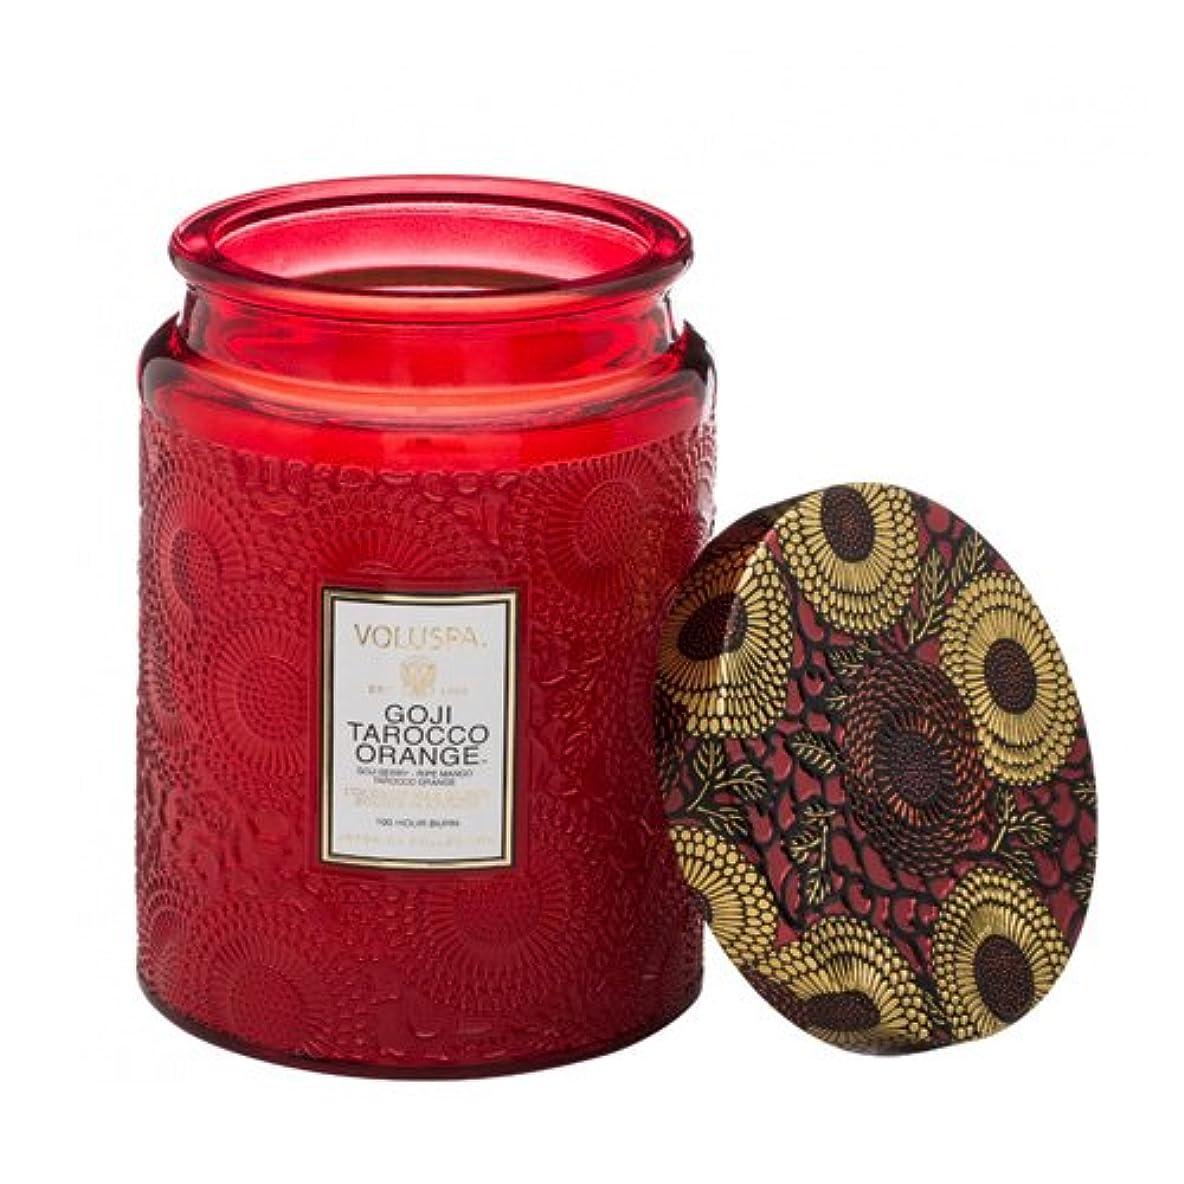 盆画面追うVoluspa ボルスパ ジャポニカ リミテッド グラスジャーキャンドル  L ゴージ&タロッコオレンジ GOJI & TAROCCO ORANGE JAPONICA Limited LARGE EMBOSSED Glass jar candle